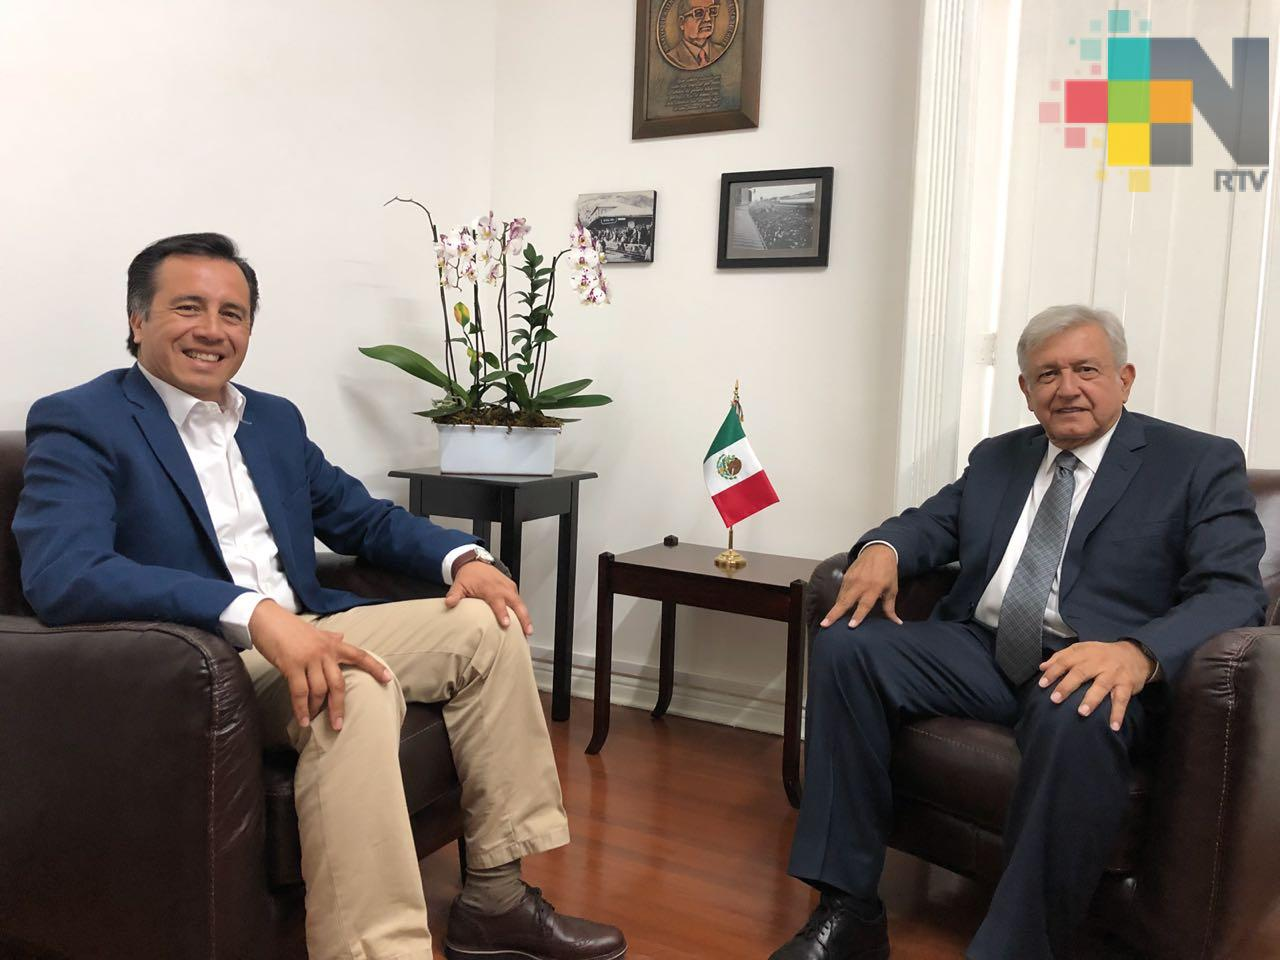 Después de mucho tiempo, Veracruz tiene ahora un gobernador honesto: AMLO